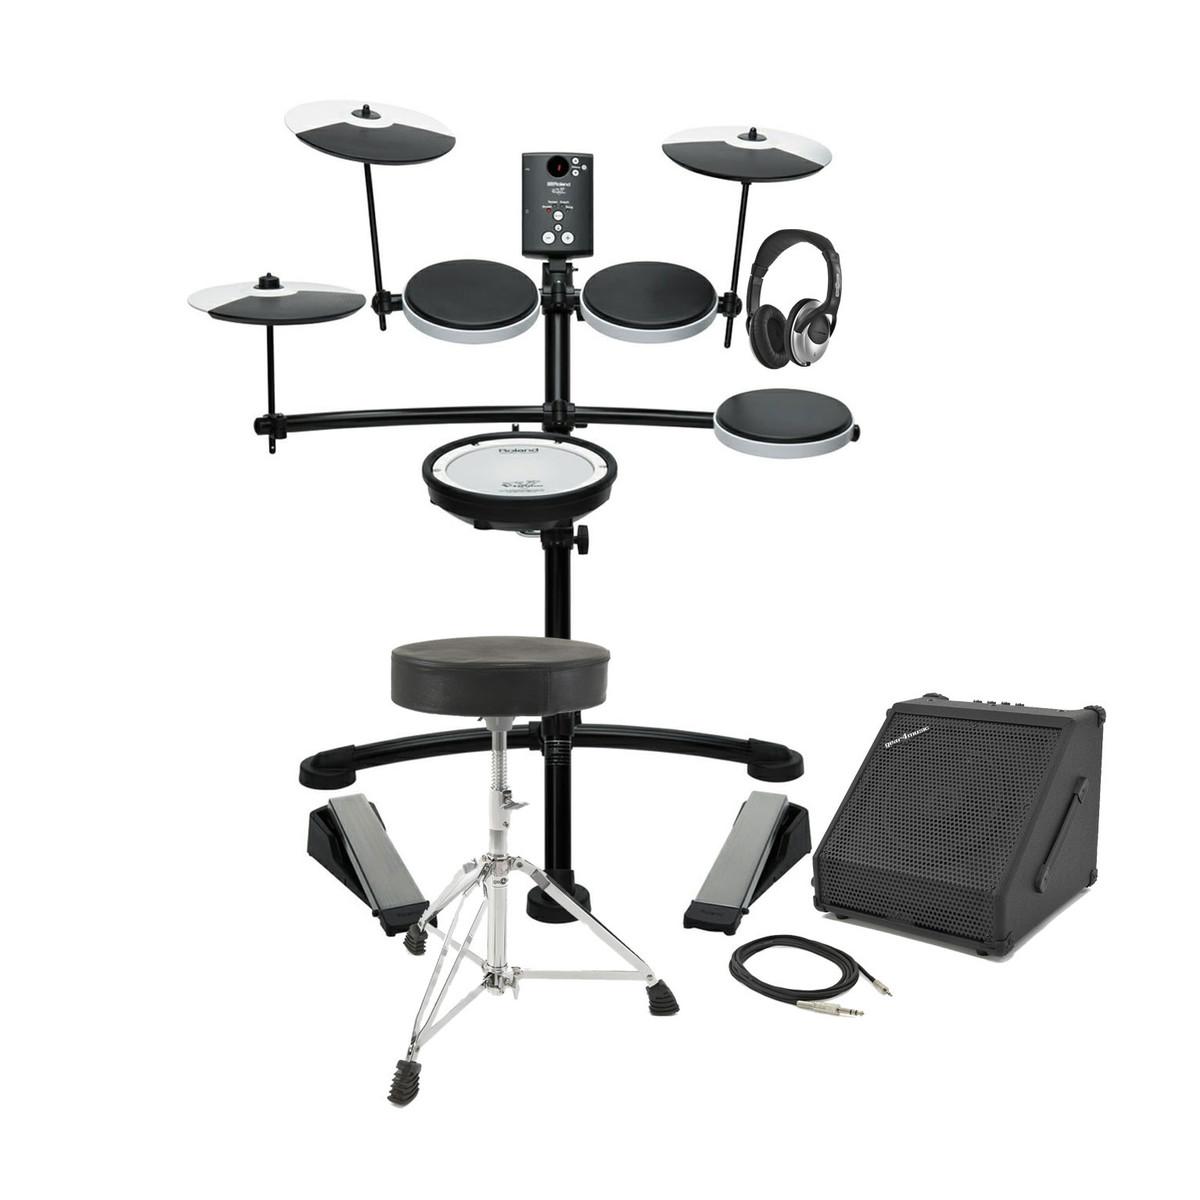 roland td 1kv v drums electronic drum kit with amp stool. Black Bedroom Furniture Sets. Home Design Ideas